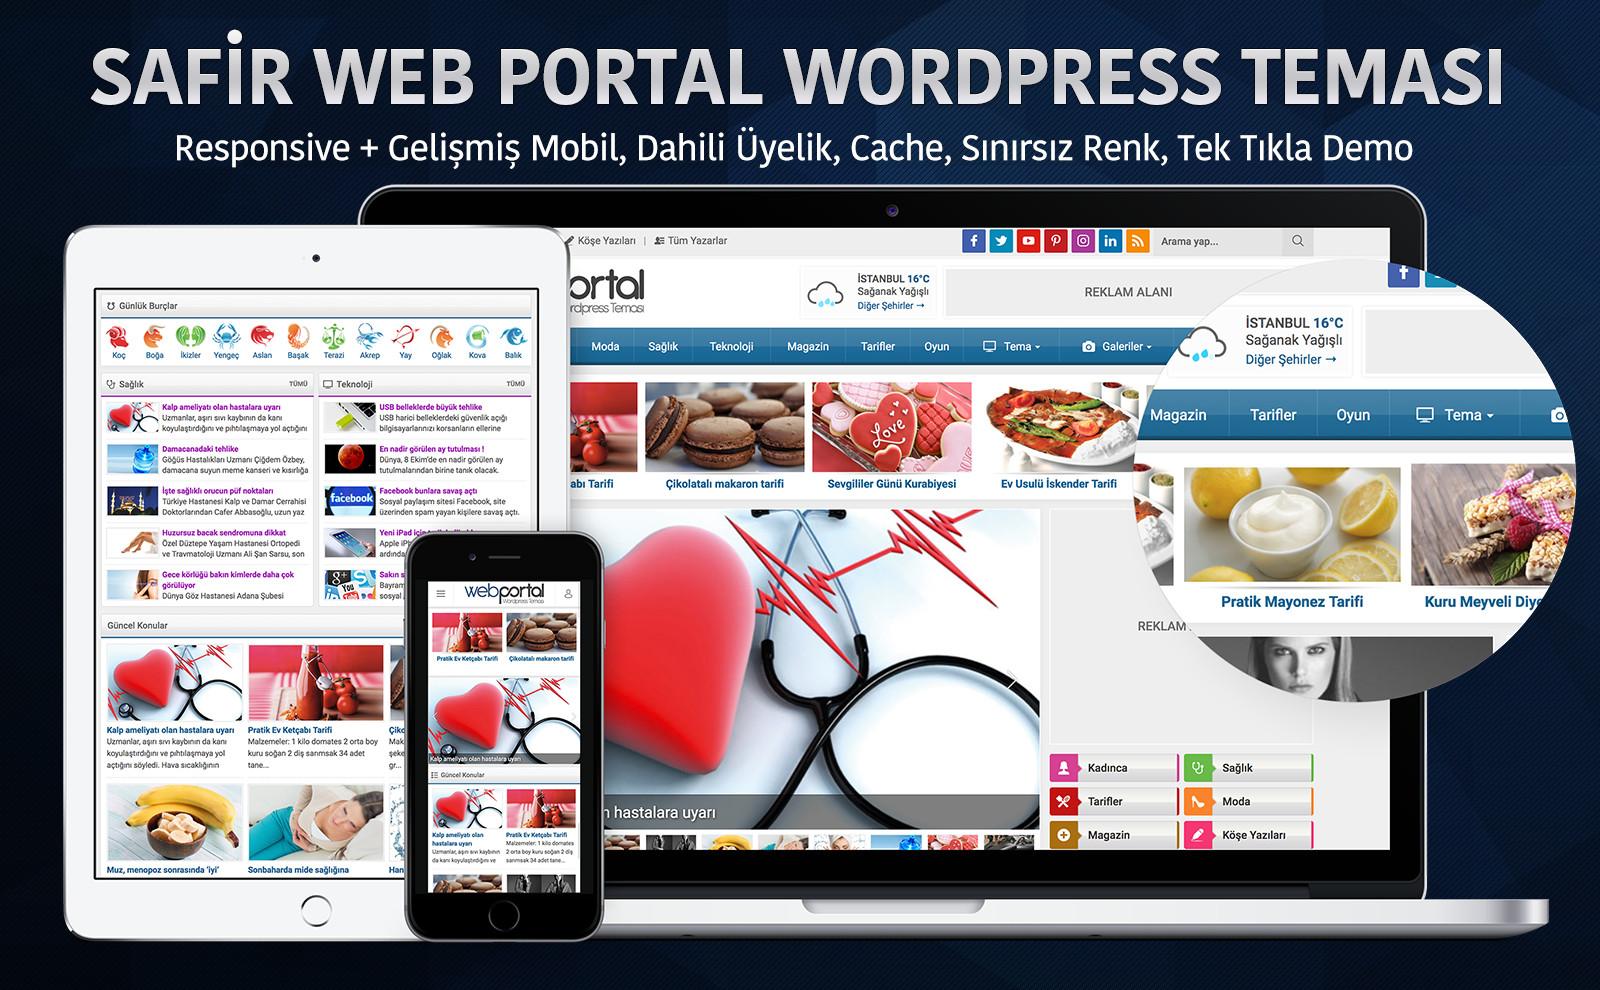 Safir Web Portal Wordpress Teması